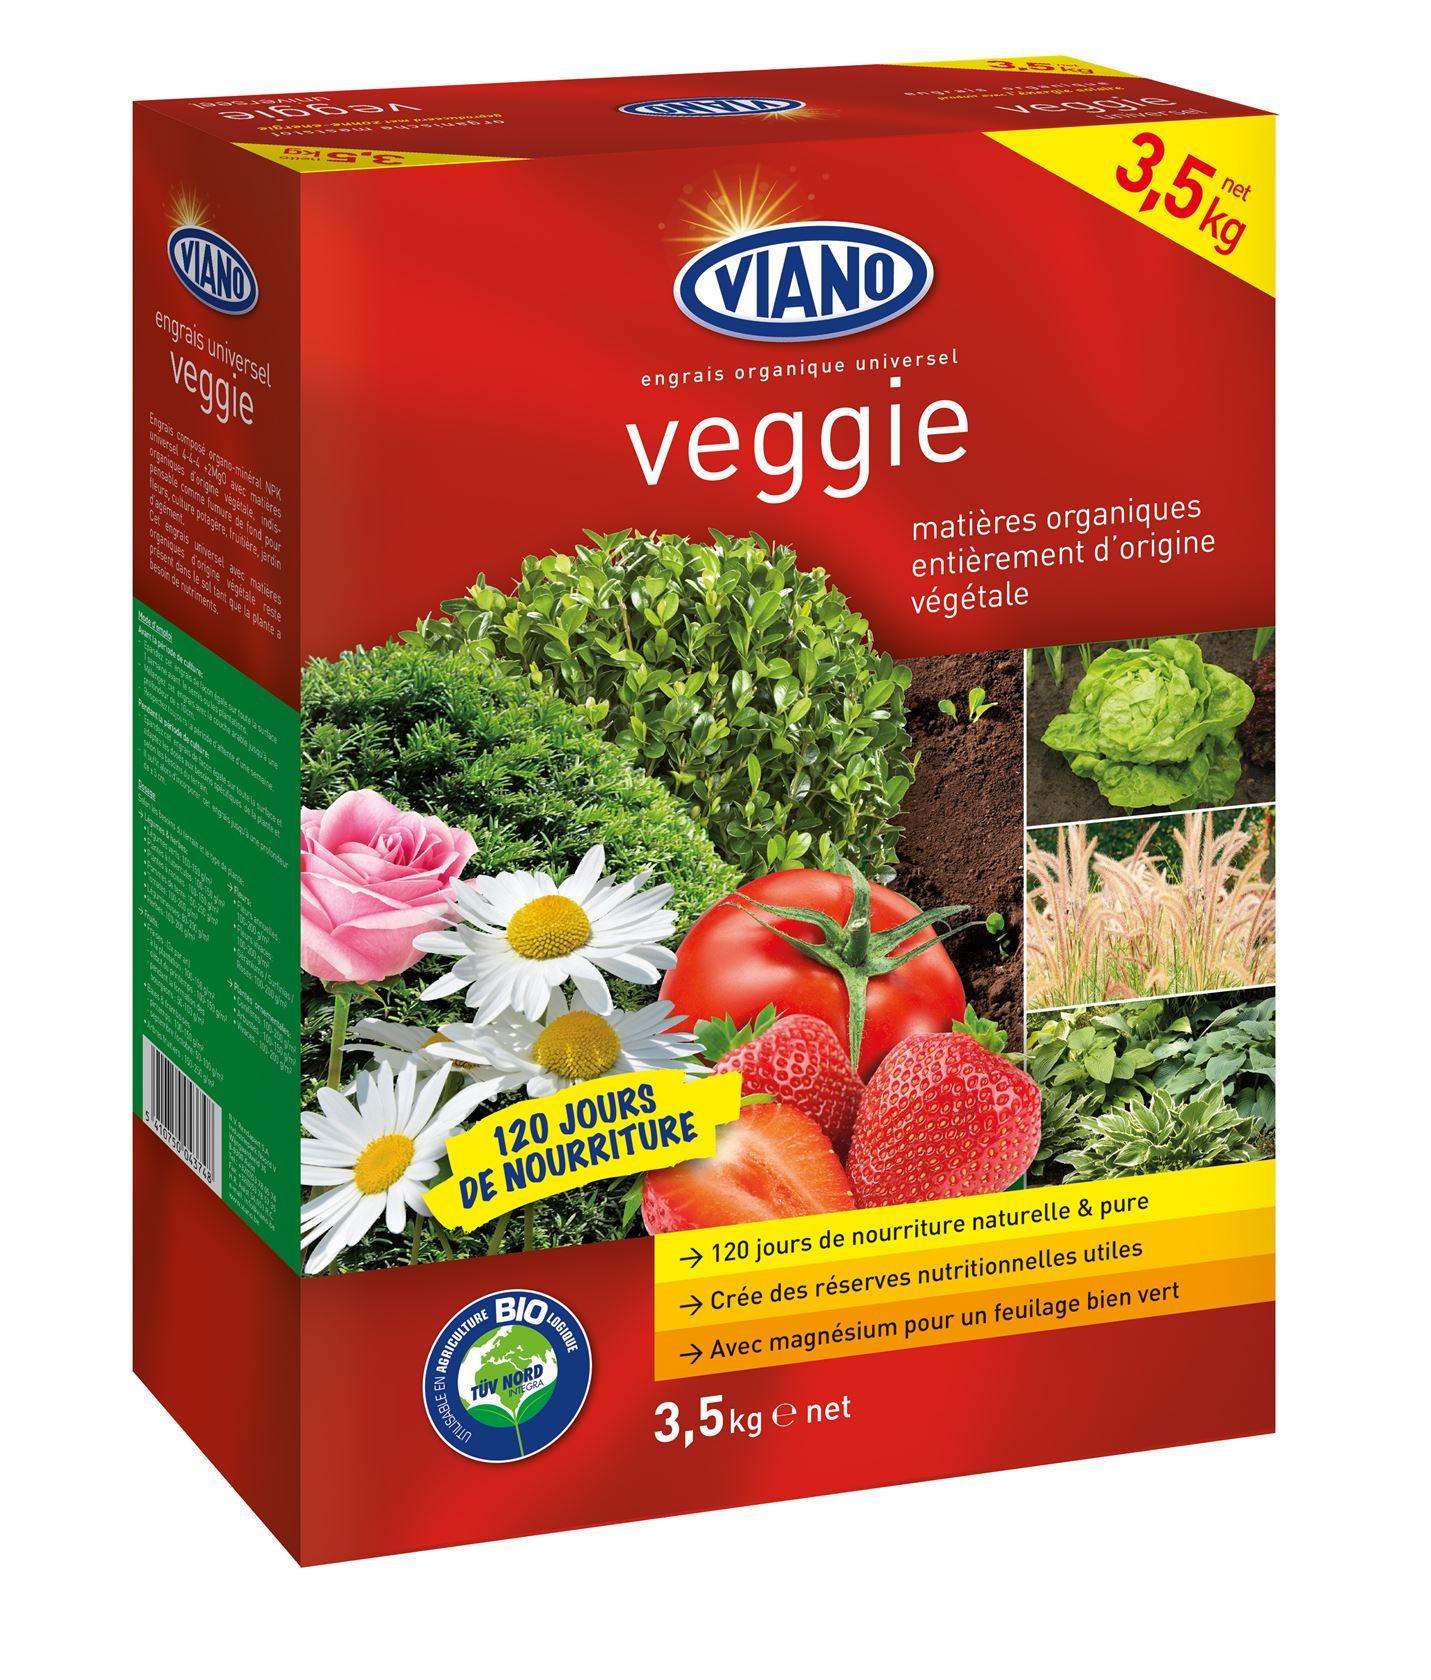 Viano Veggie meststof 100% plantaardig 4kg